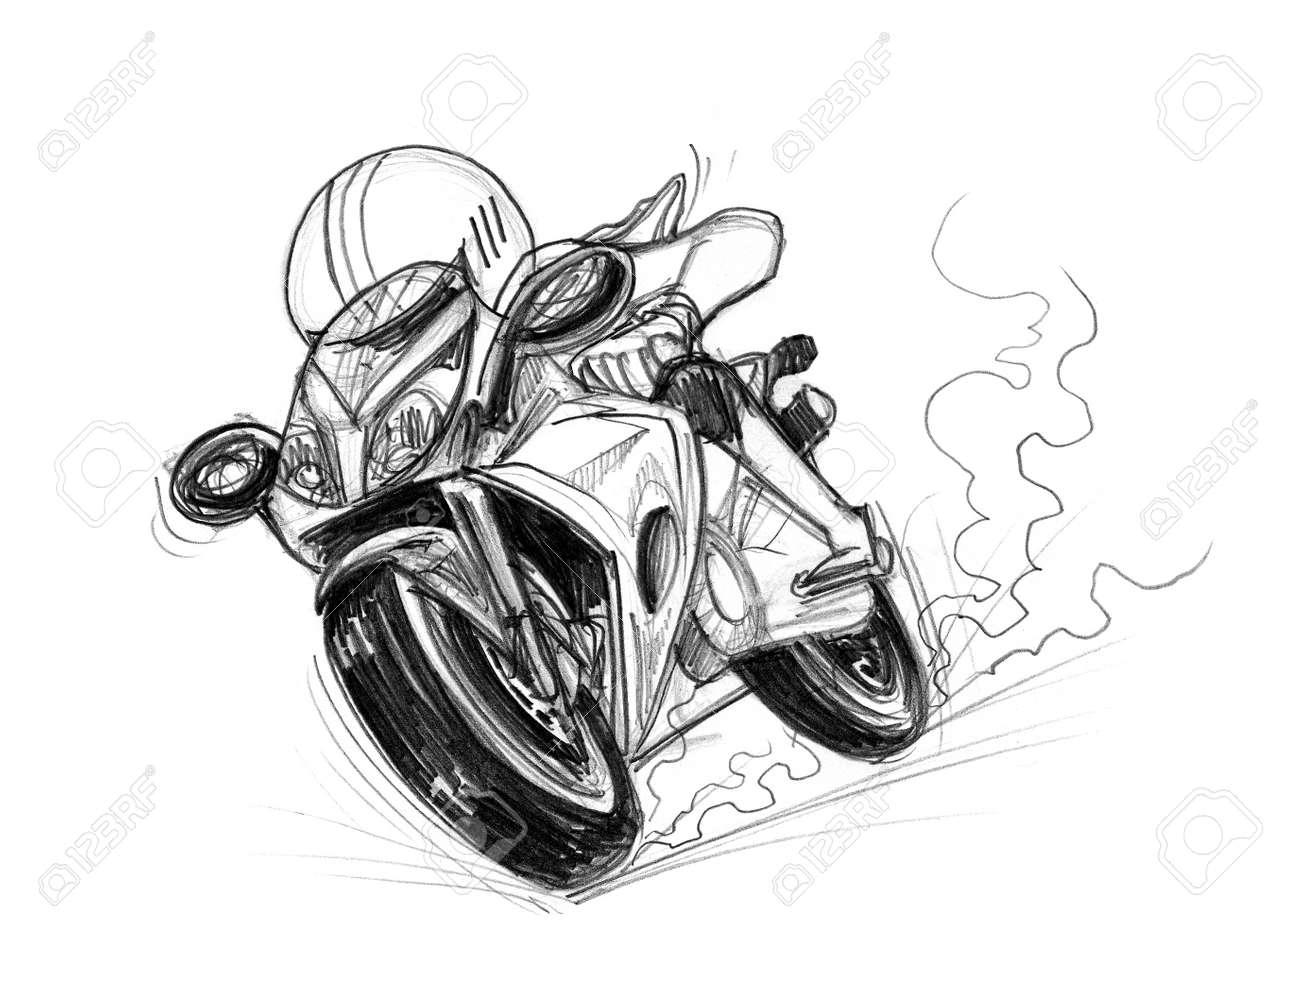 Moto Rápida De Dibujos Animados Dibujo A Lápiz Mano Libre Del Color